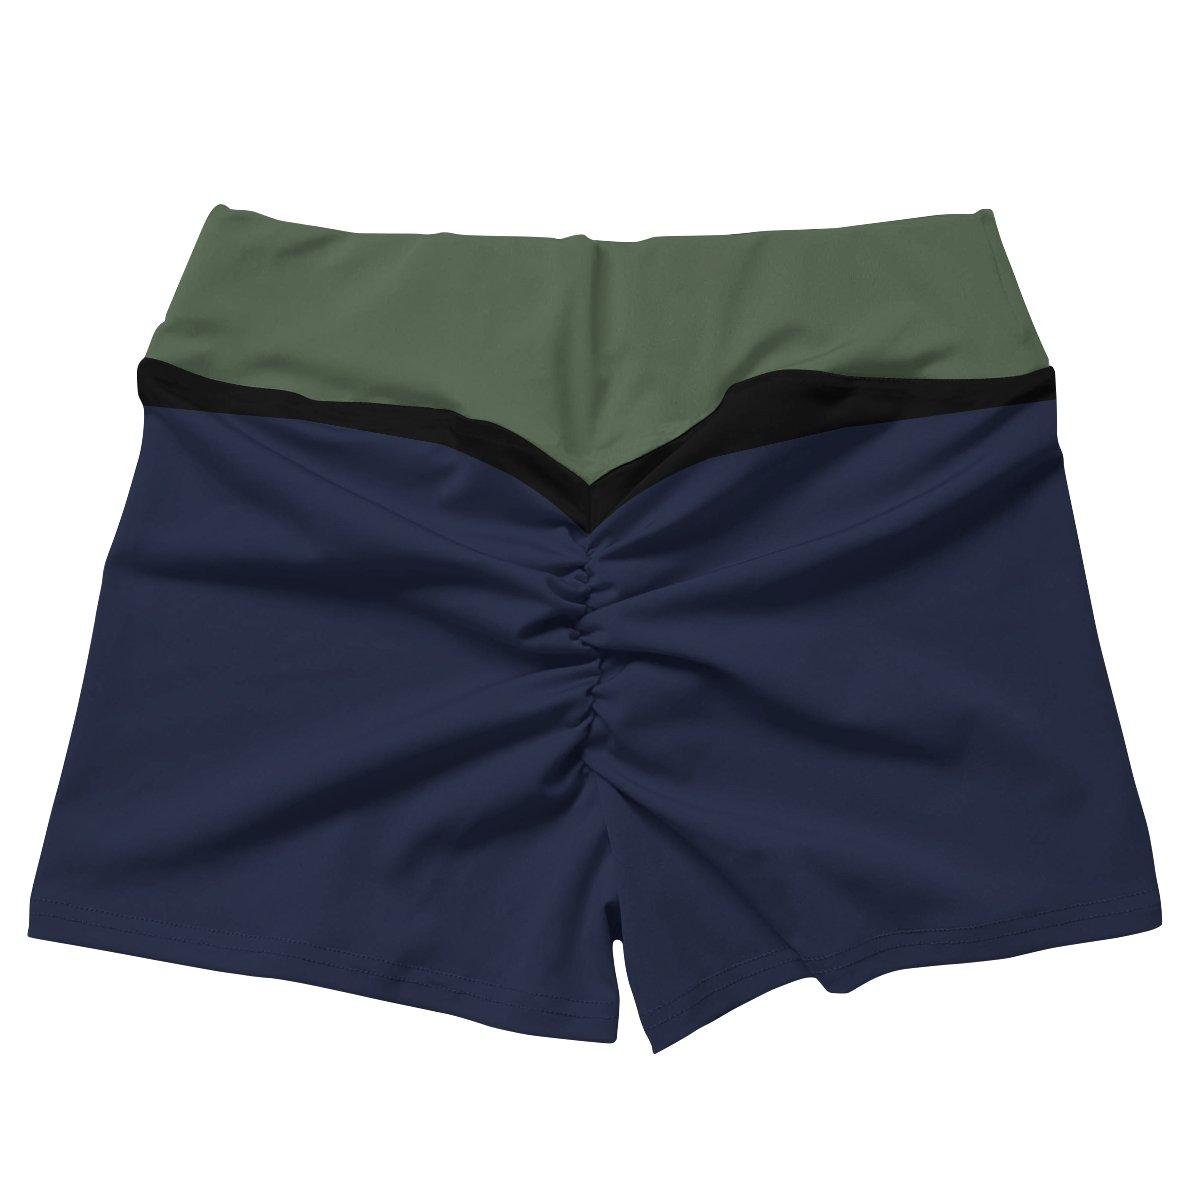 kakashi active wear set 351159 - Anime Swimsuits